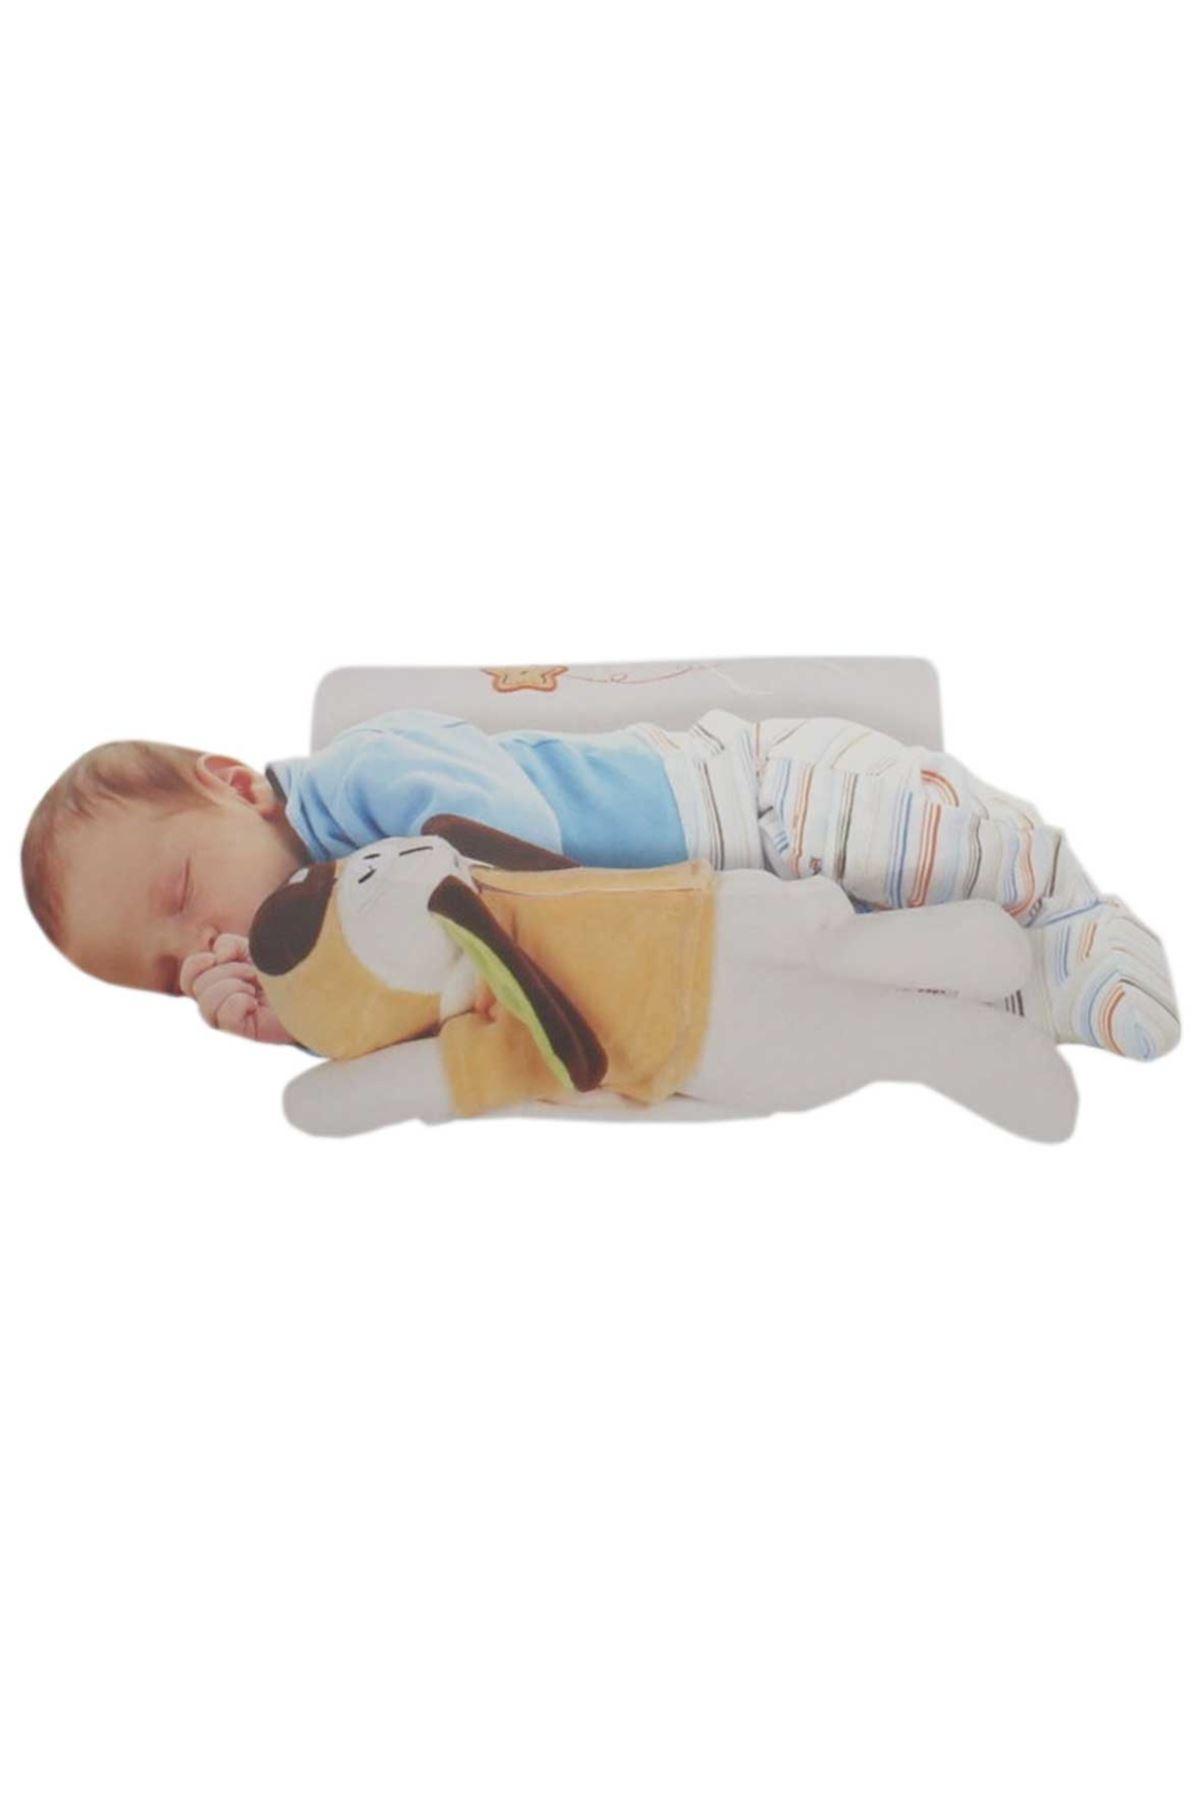 Sevi Bebe Oyuncaklı Yan Yatış Yastığı 035-254217-005